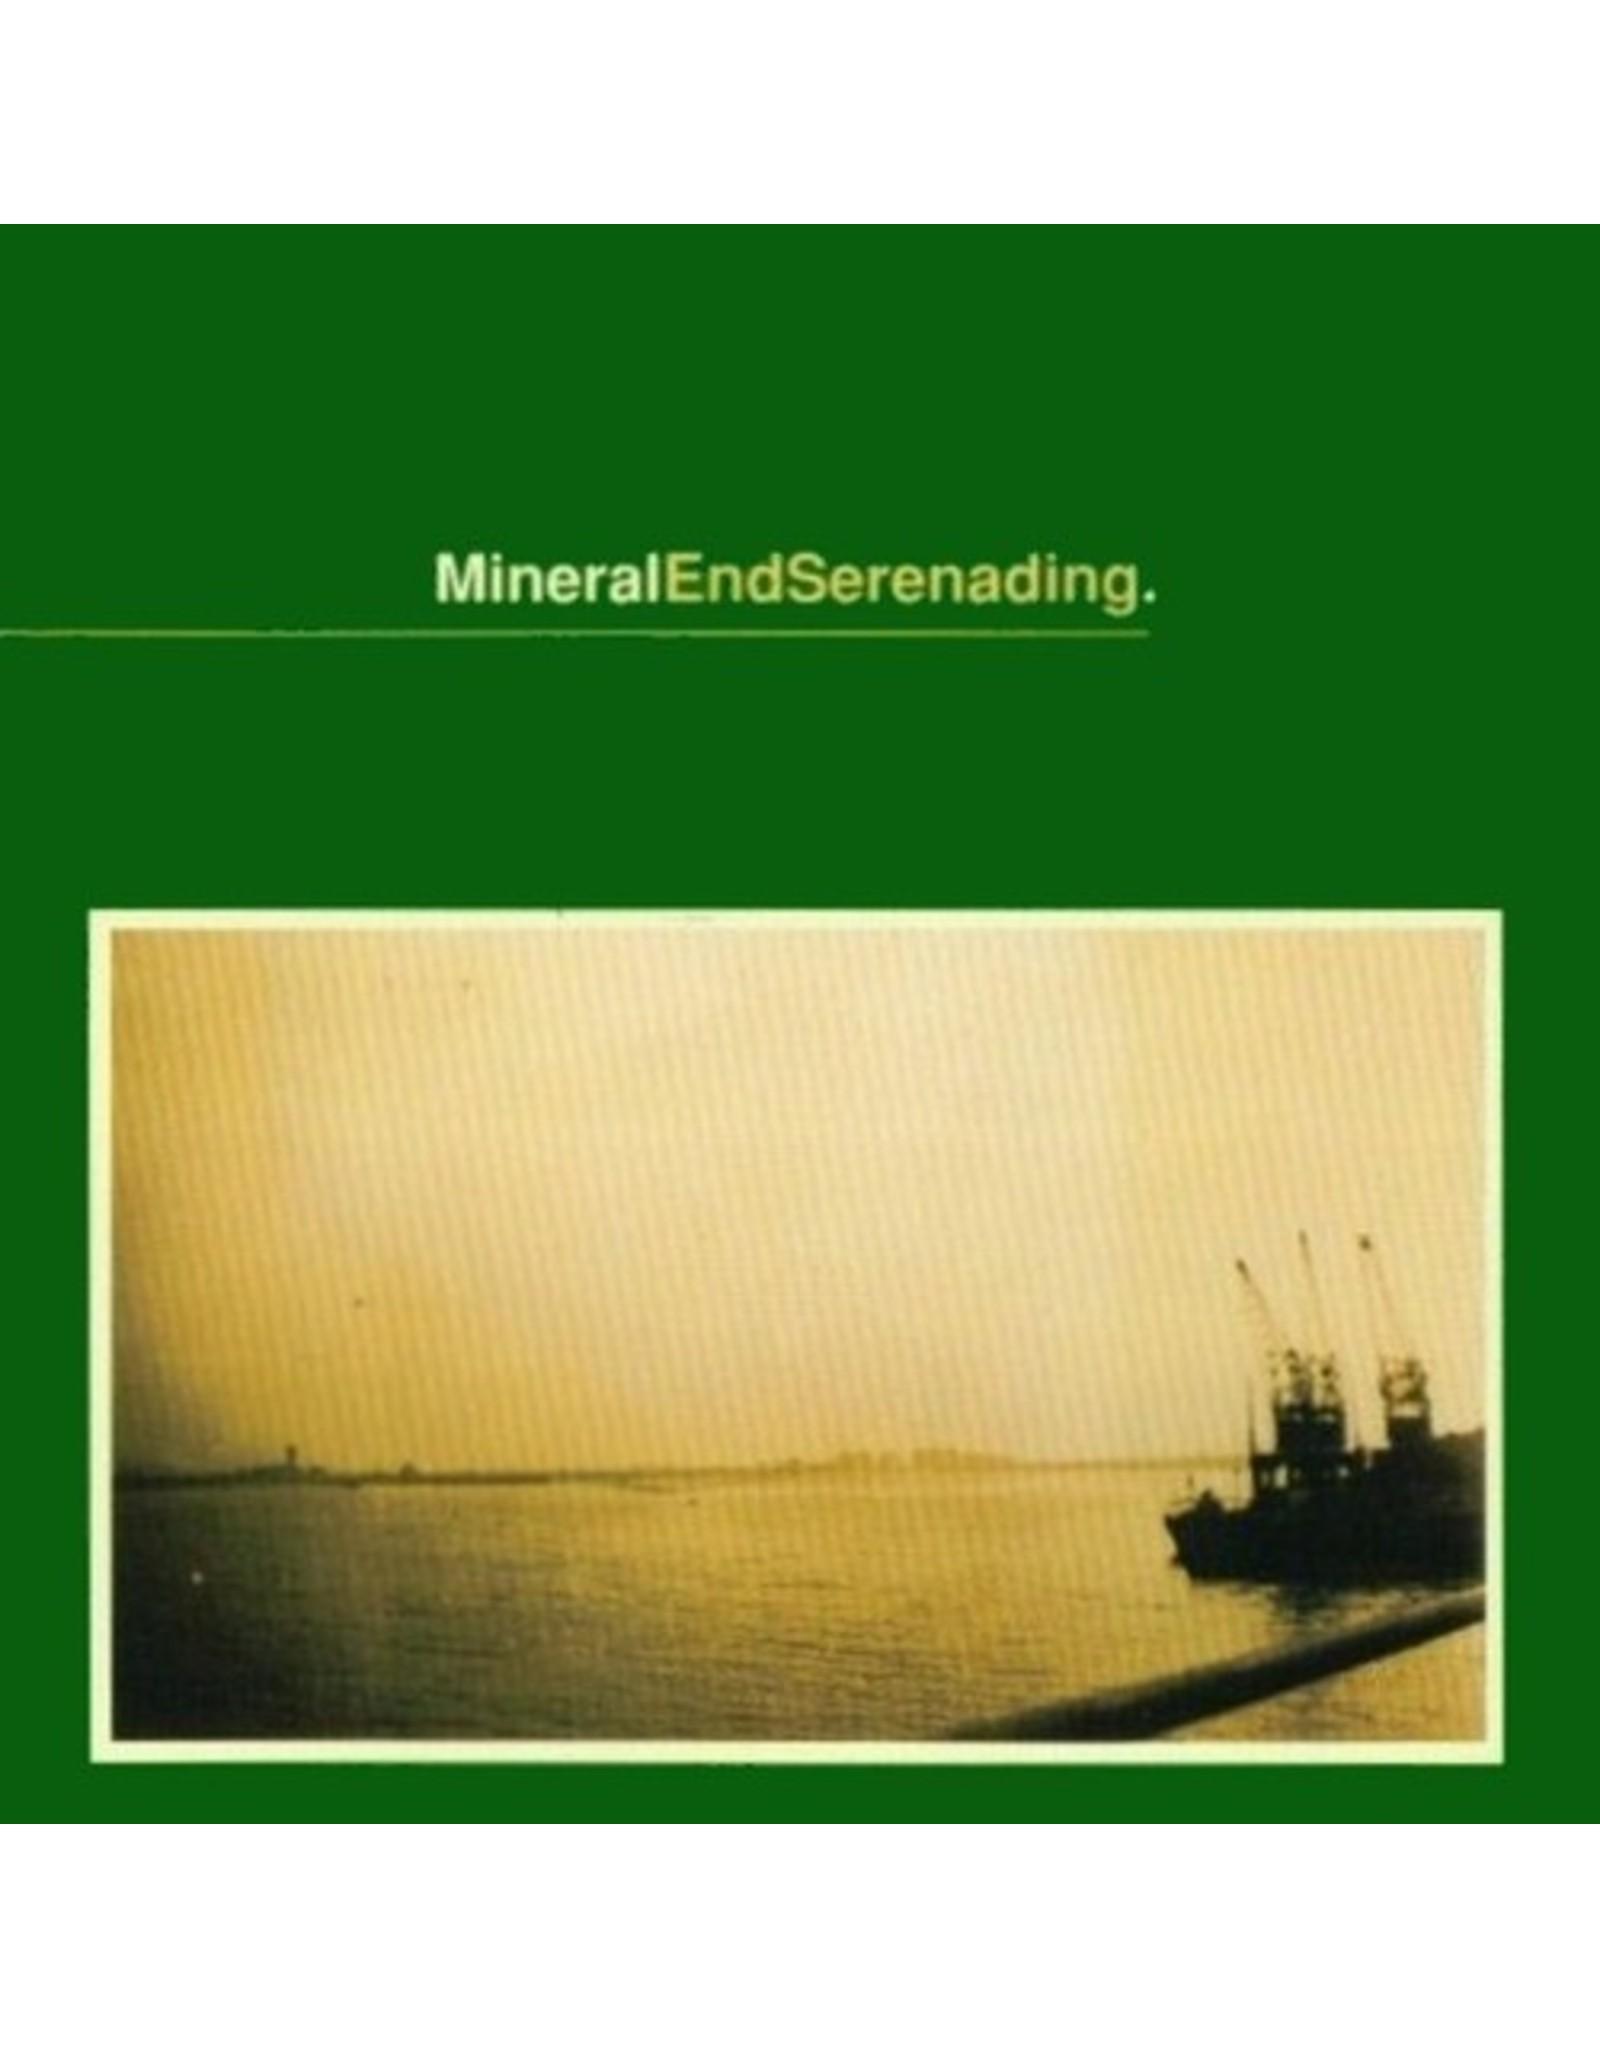 New Vinyl Mineral - EndSerenading 2LP